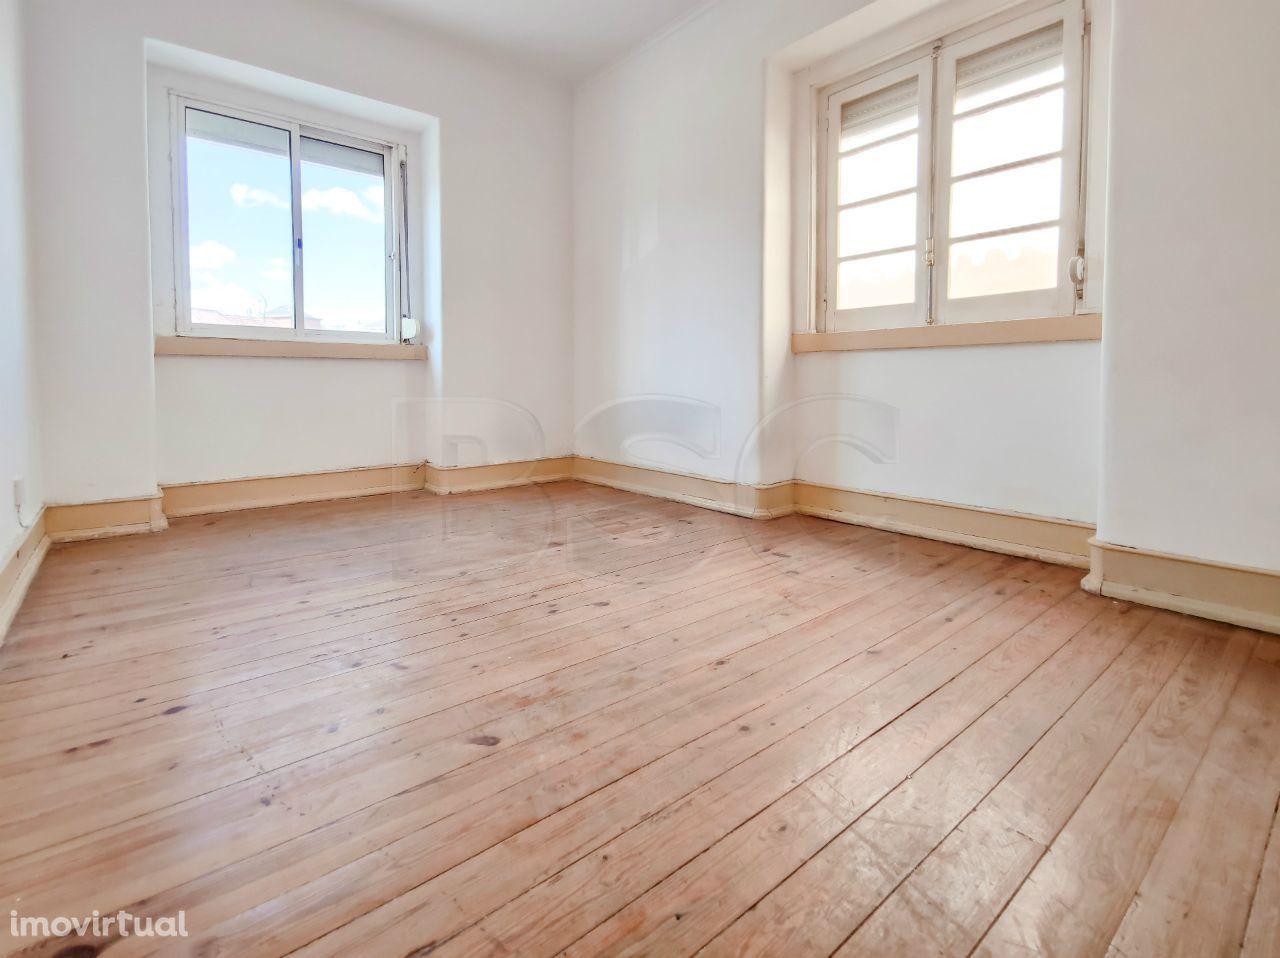 Apartamento T2 à venda em Venteira